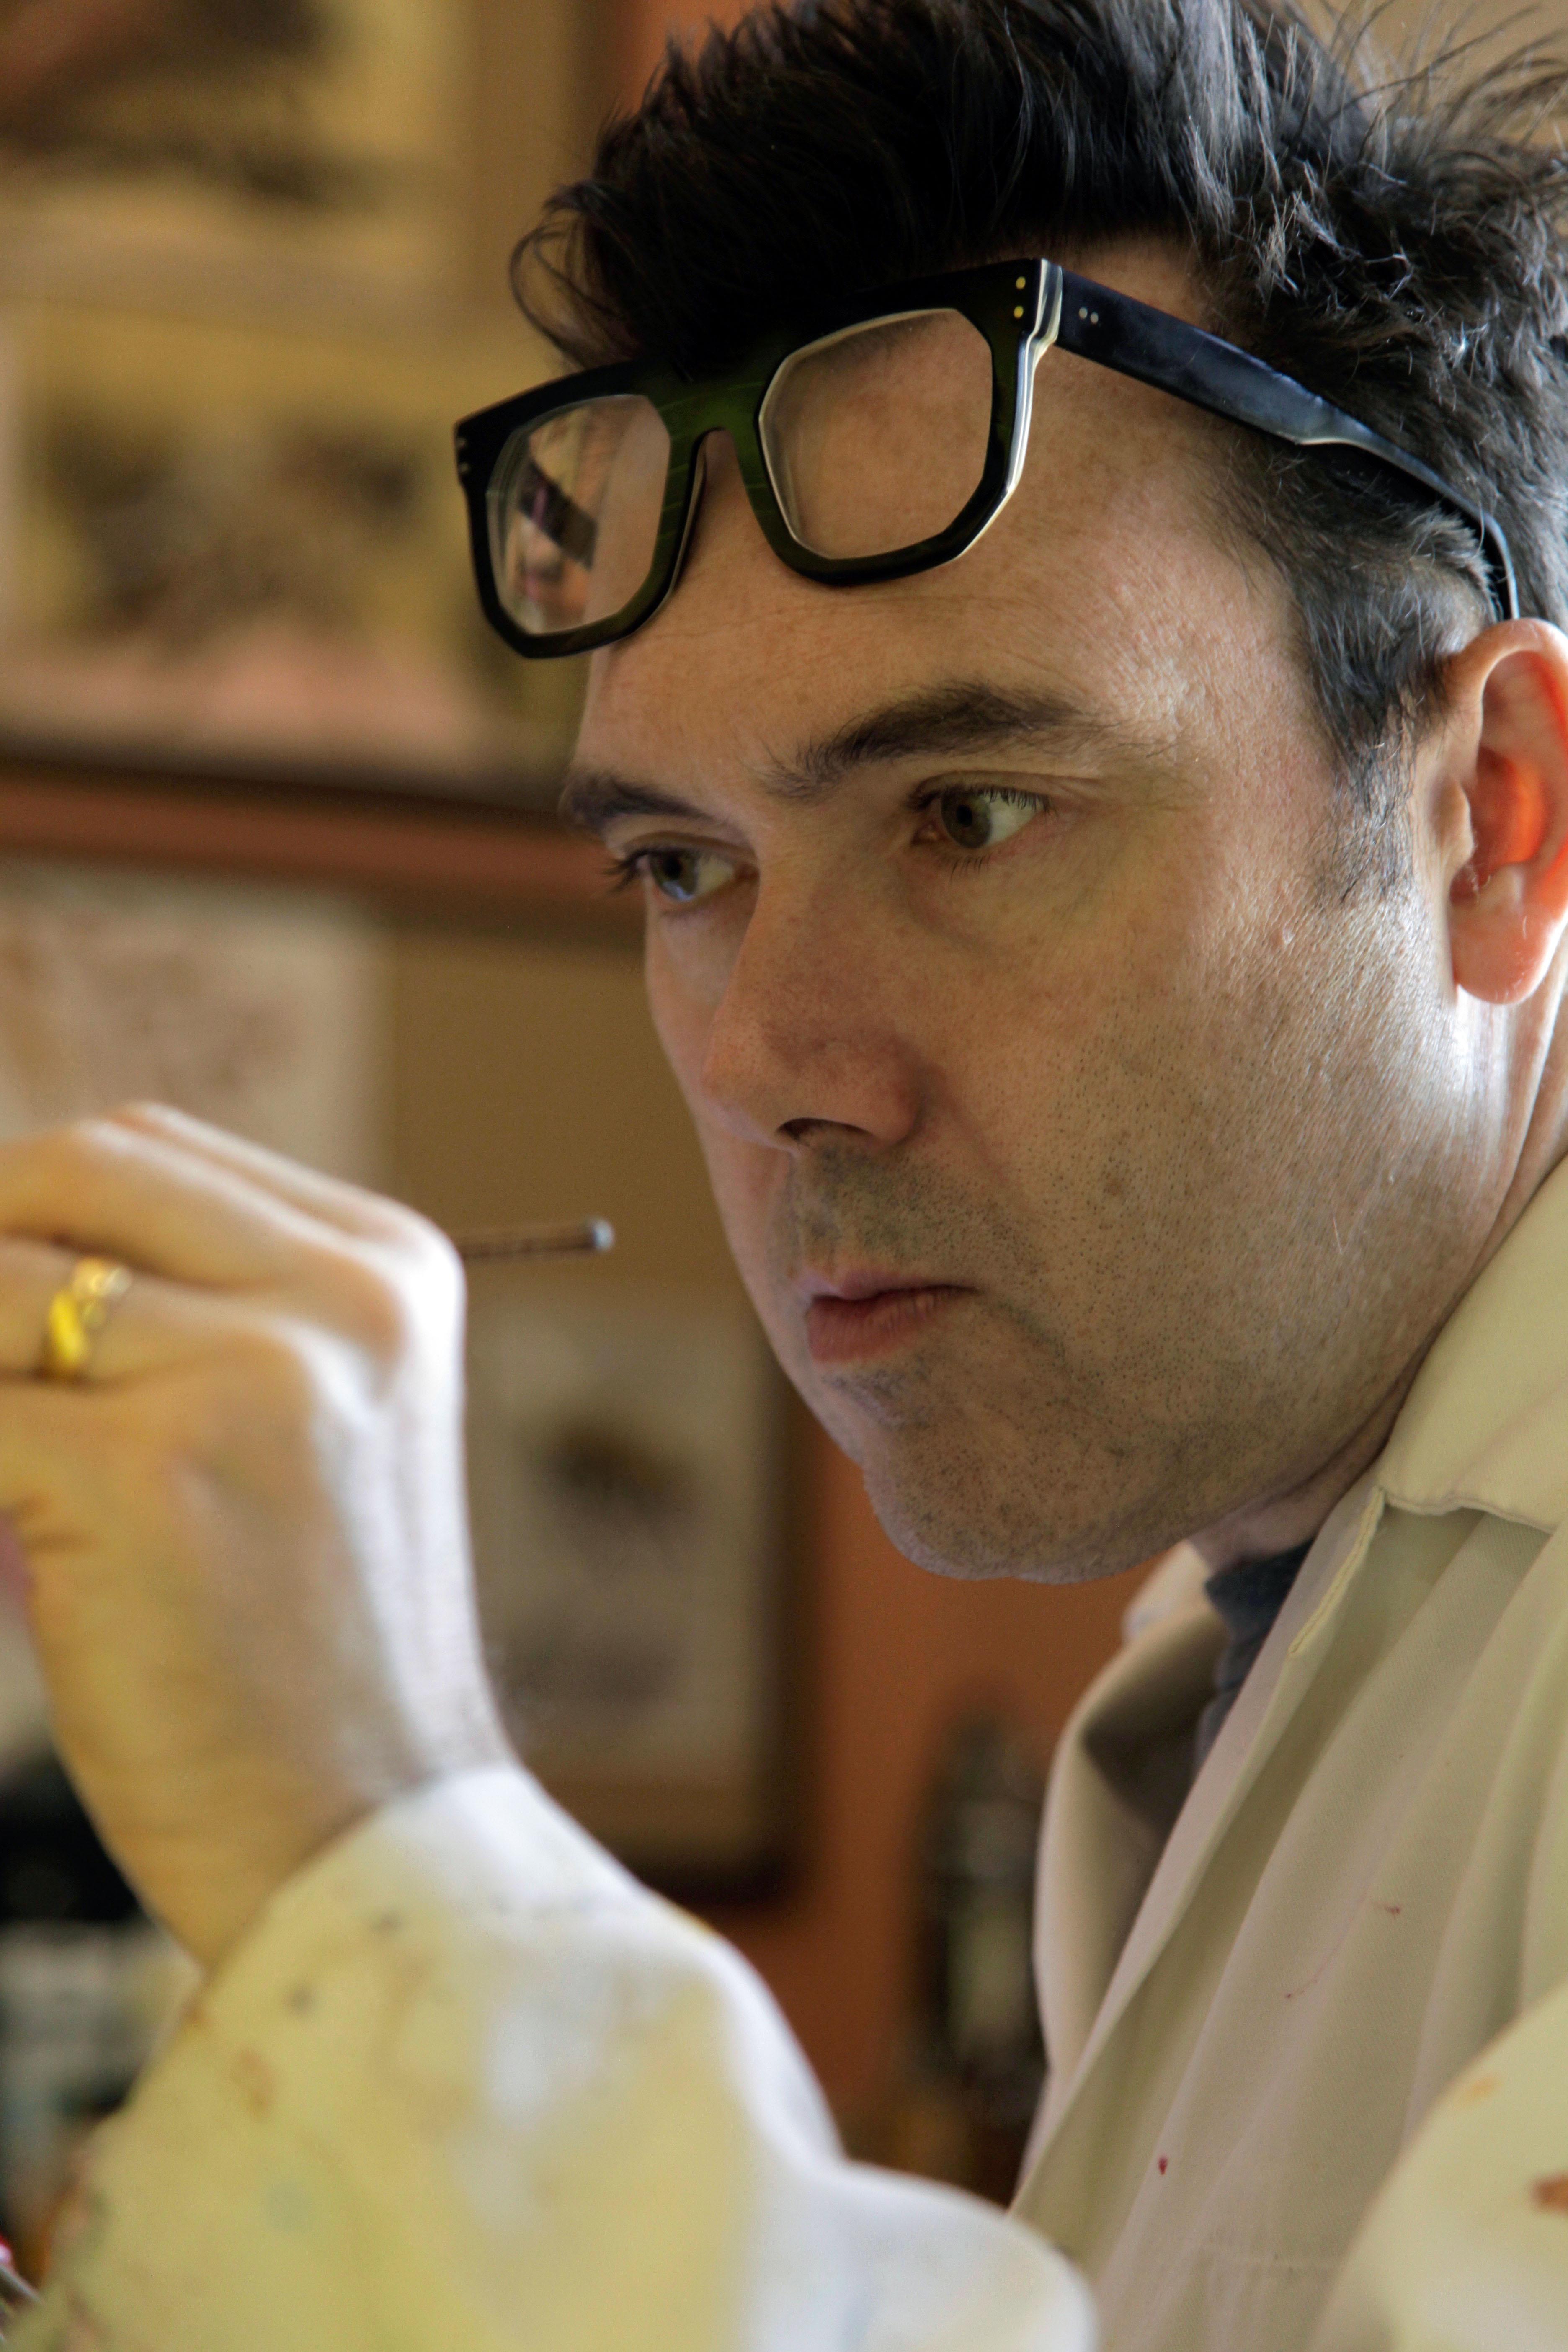 Peter Davis at work.